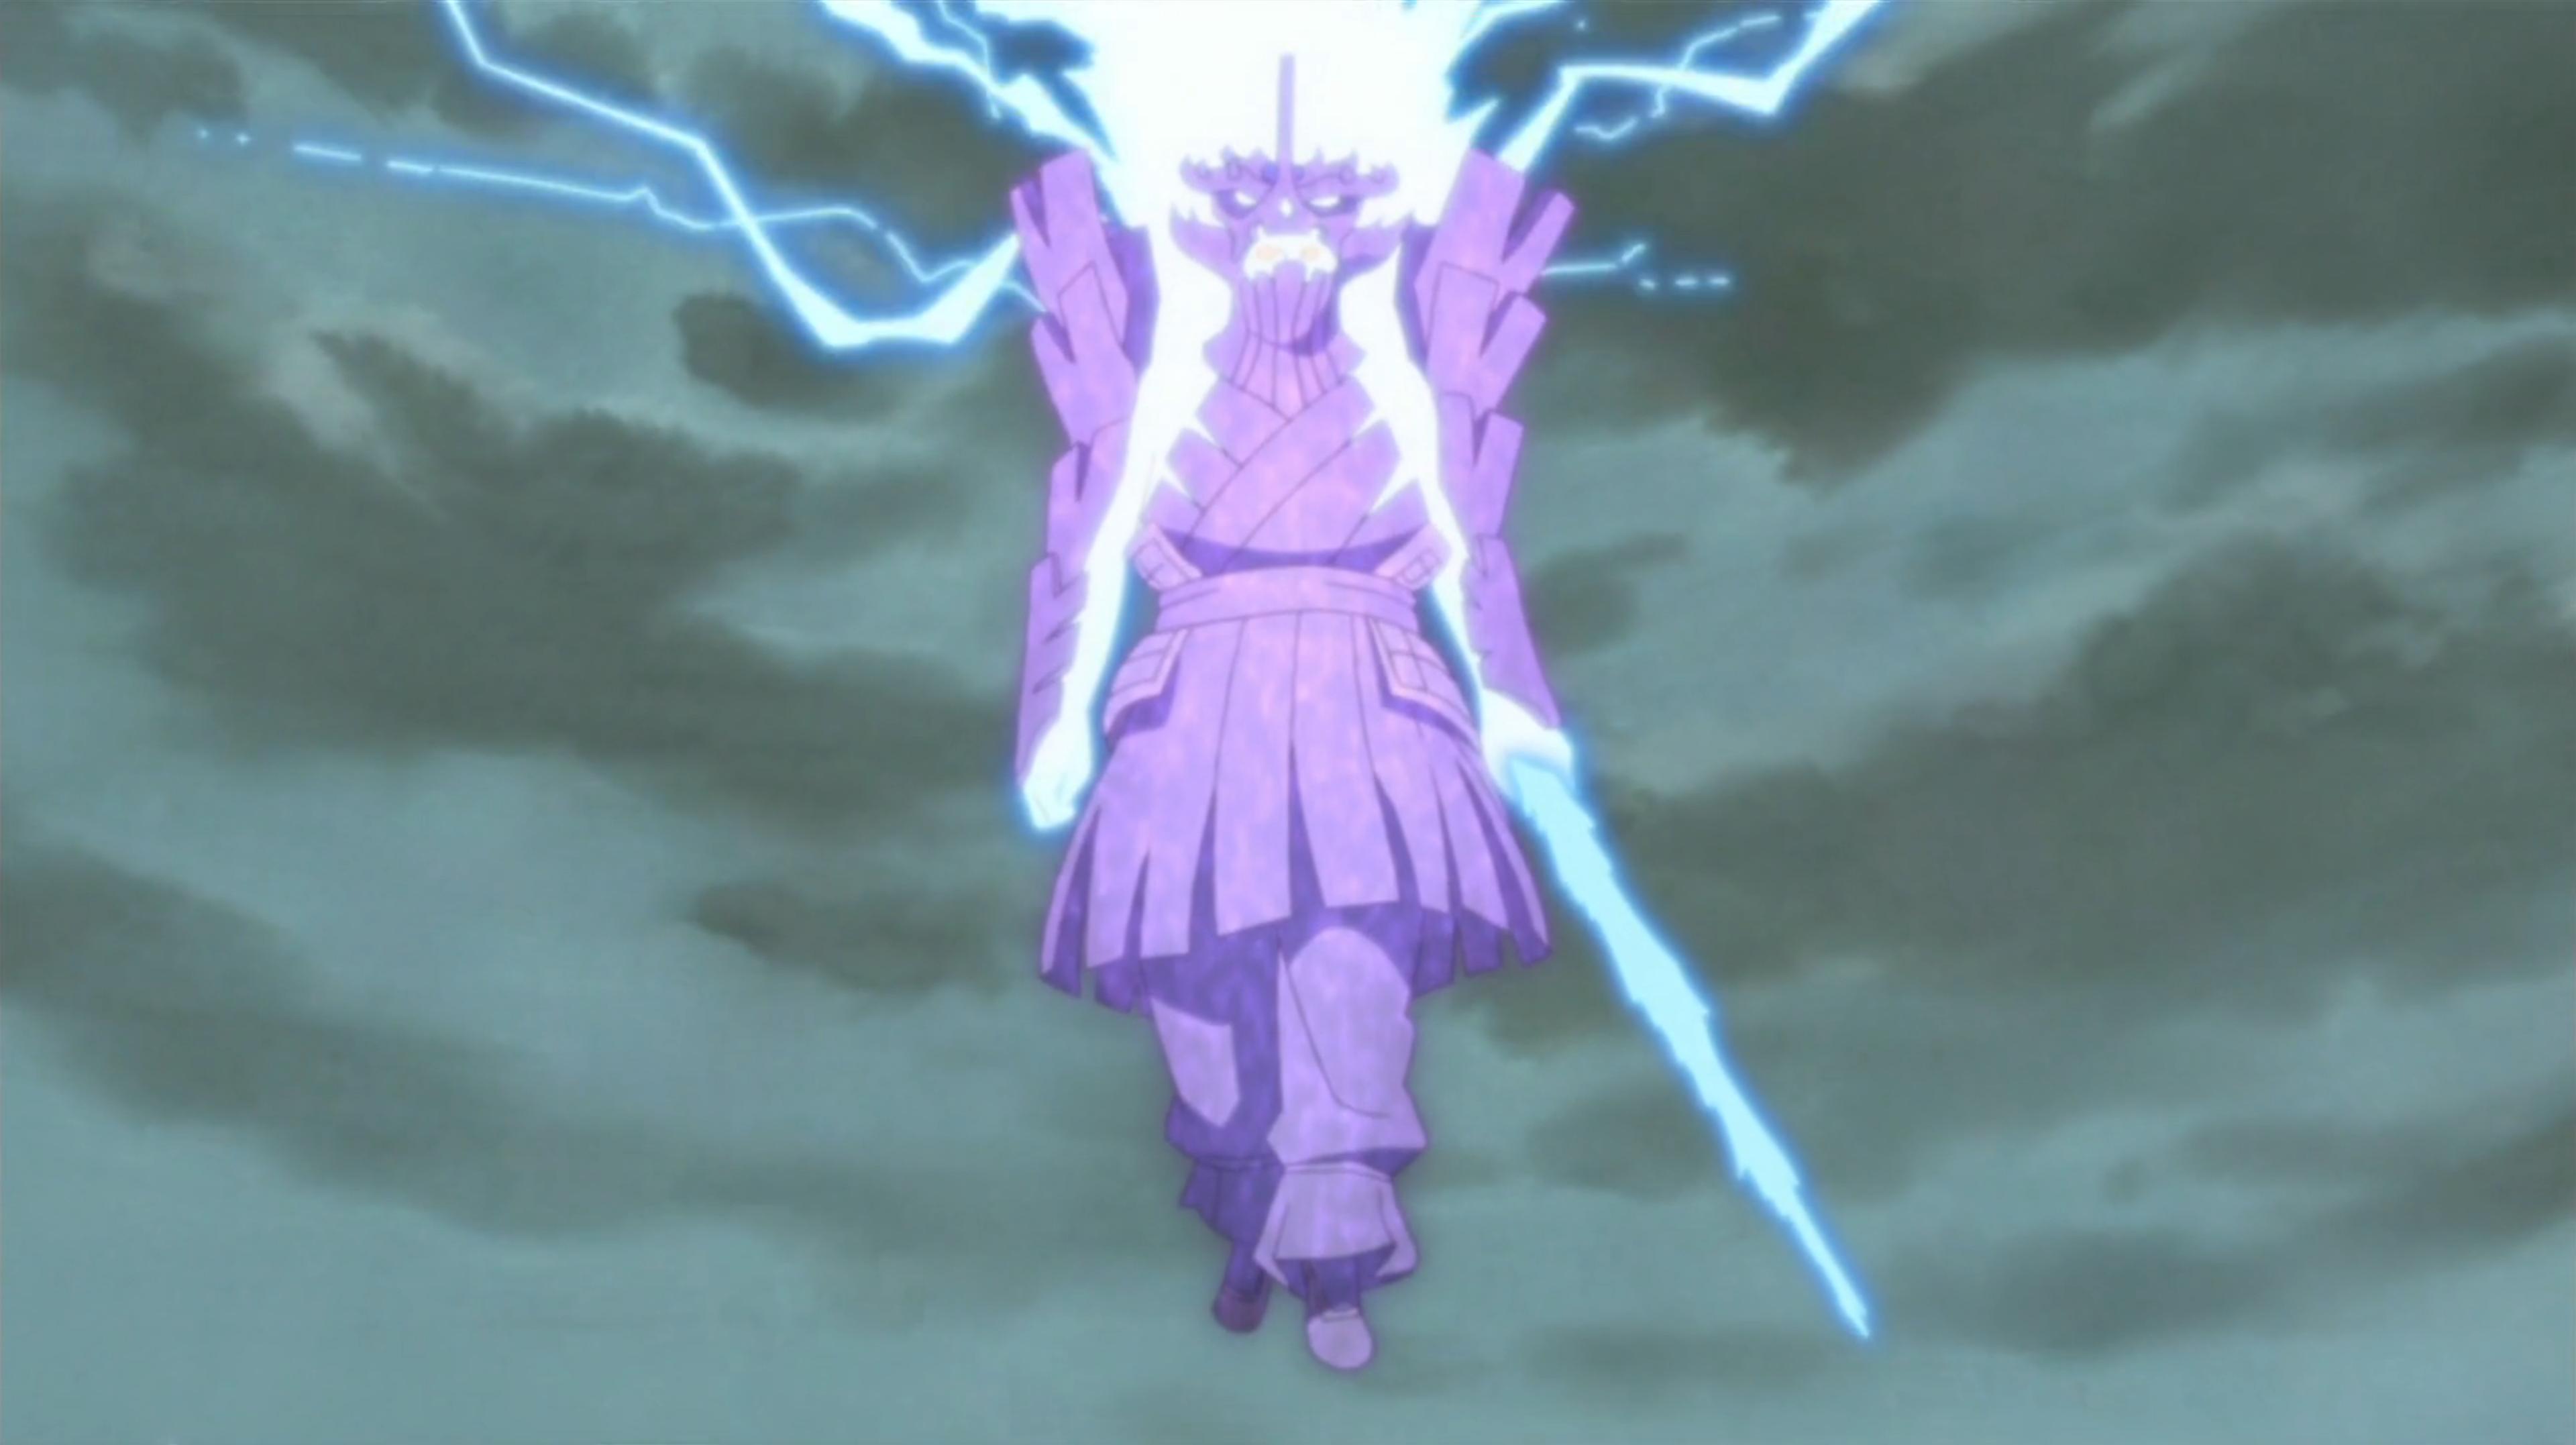 Ficha de personagem Dante Uchiha Tailed_Beast_Susanoo